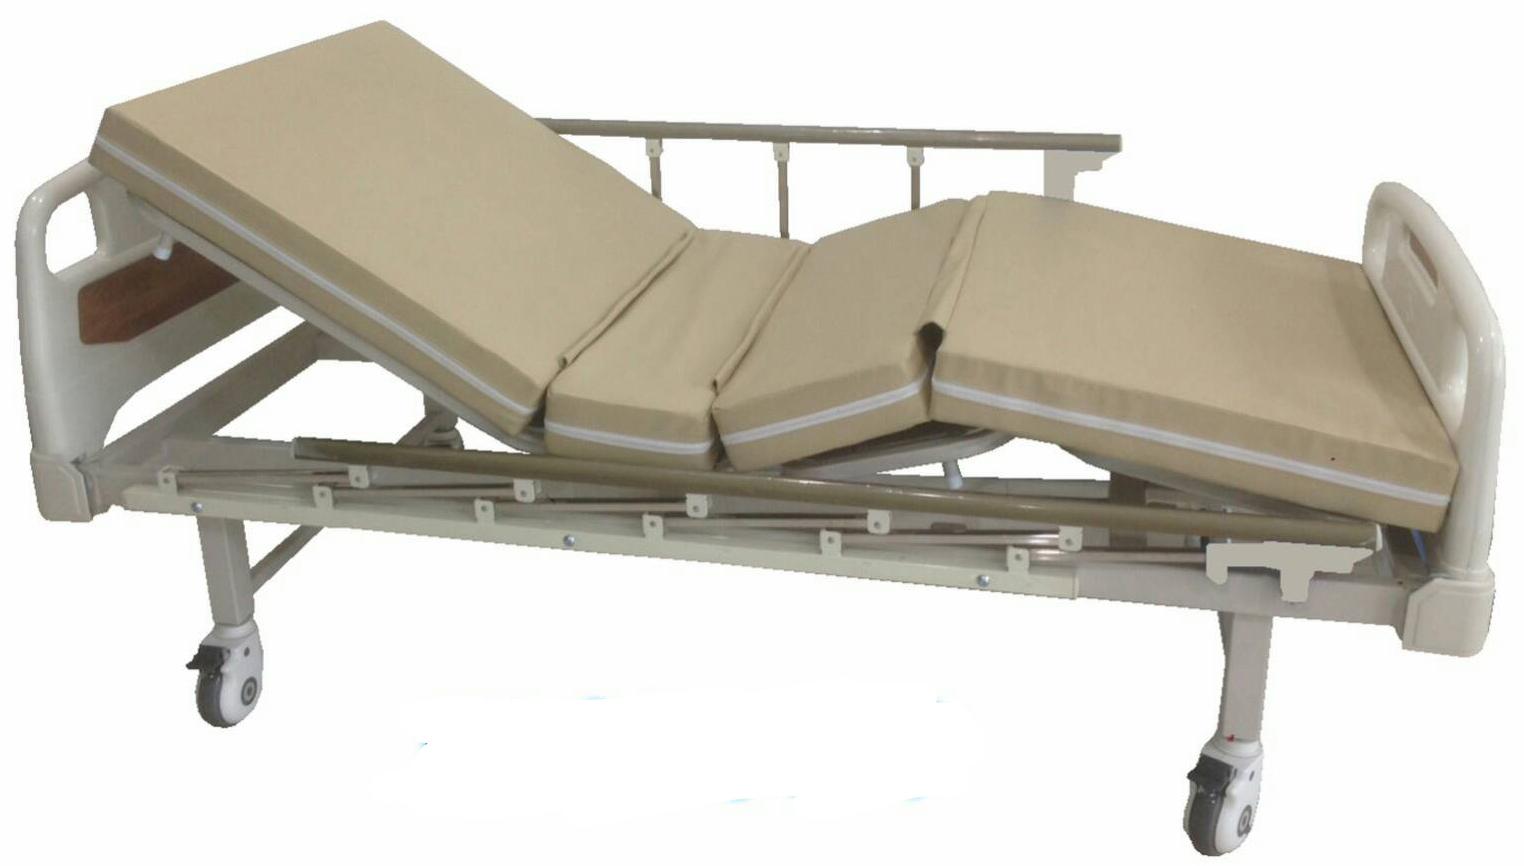 เตียงผู้ป่วย 3 ไกร์ มือหมุน แบบ โฟเมก้า รหัส MEA05